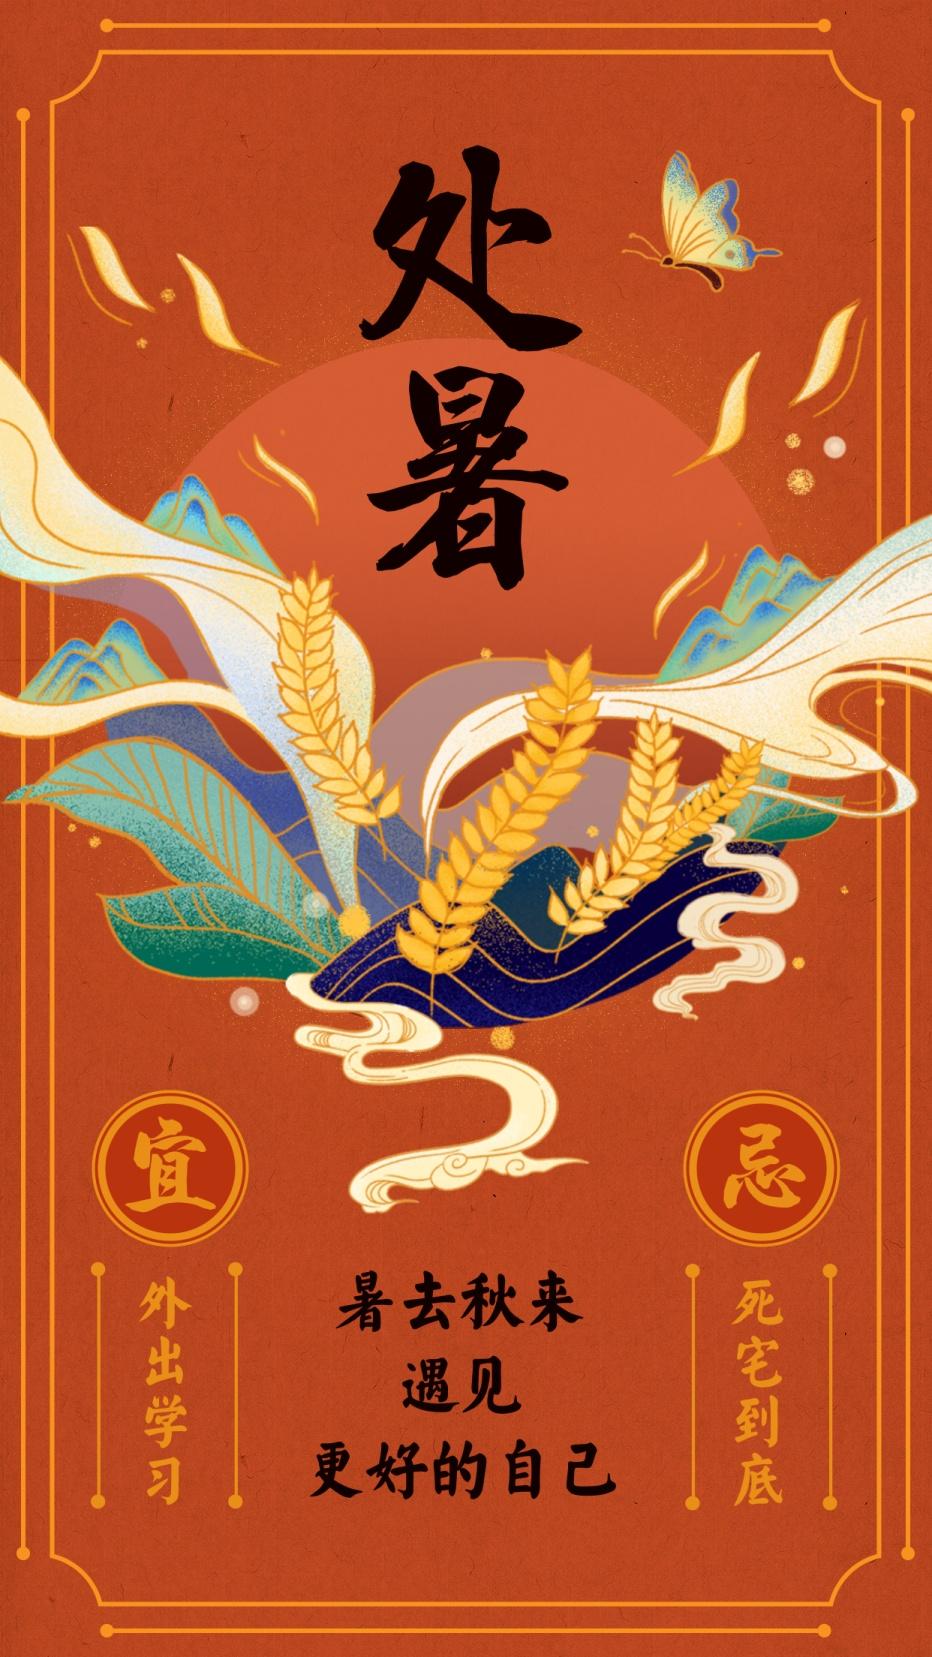 处暑节日热点中国风手机海报